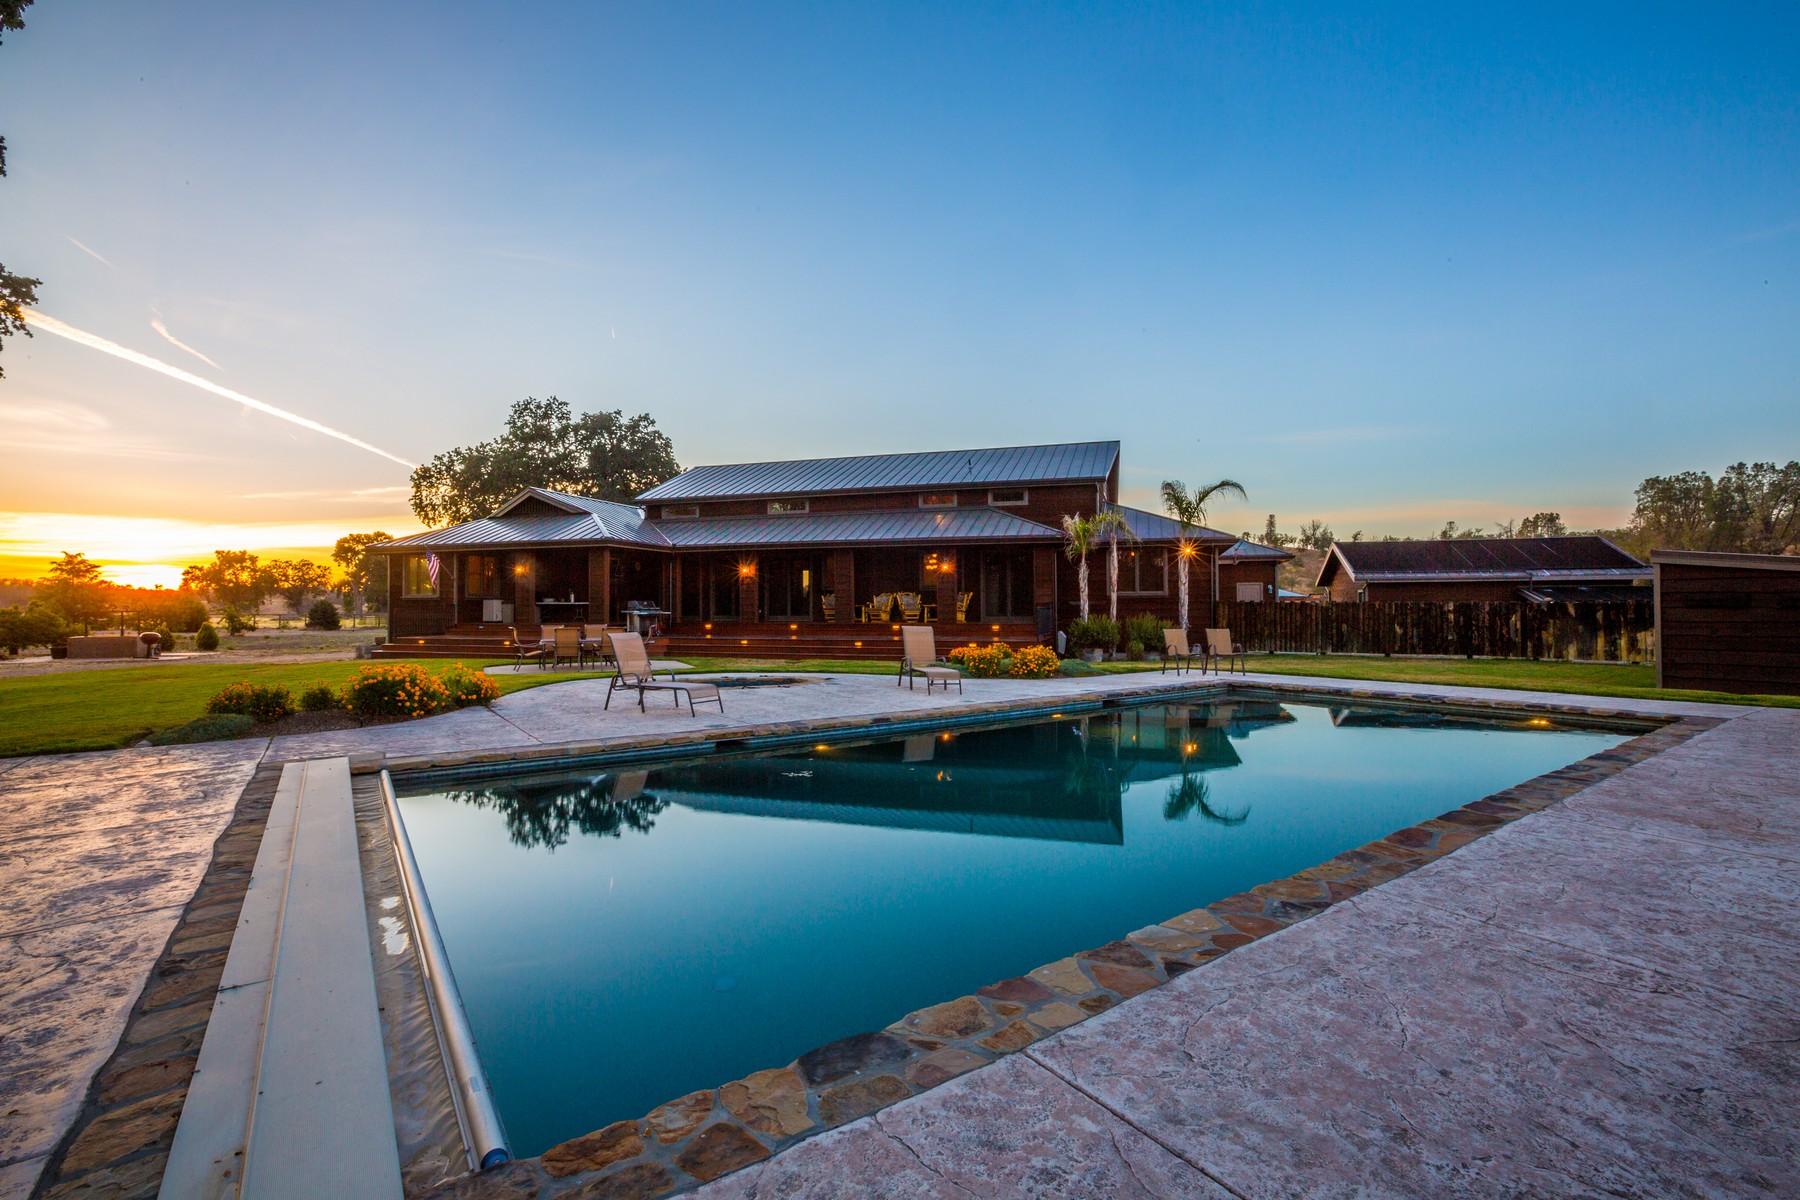 Einfamilienhaus für Verkauf beim 7585 O'Donovan Road Creston 93432 United States Creston, Kalifornien, 93432 Vereinigte Staaten